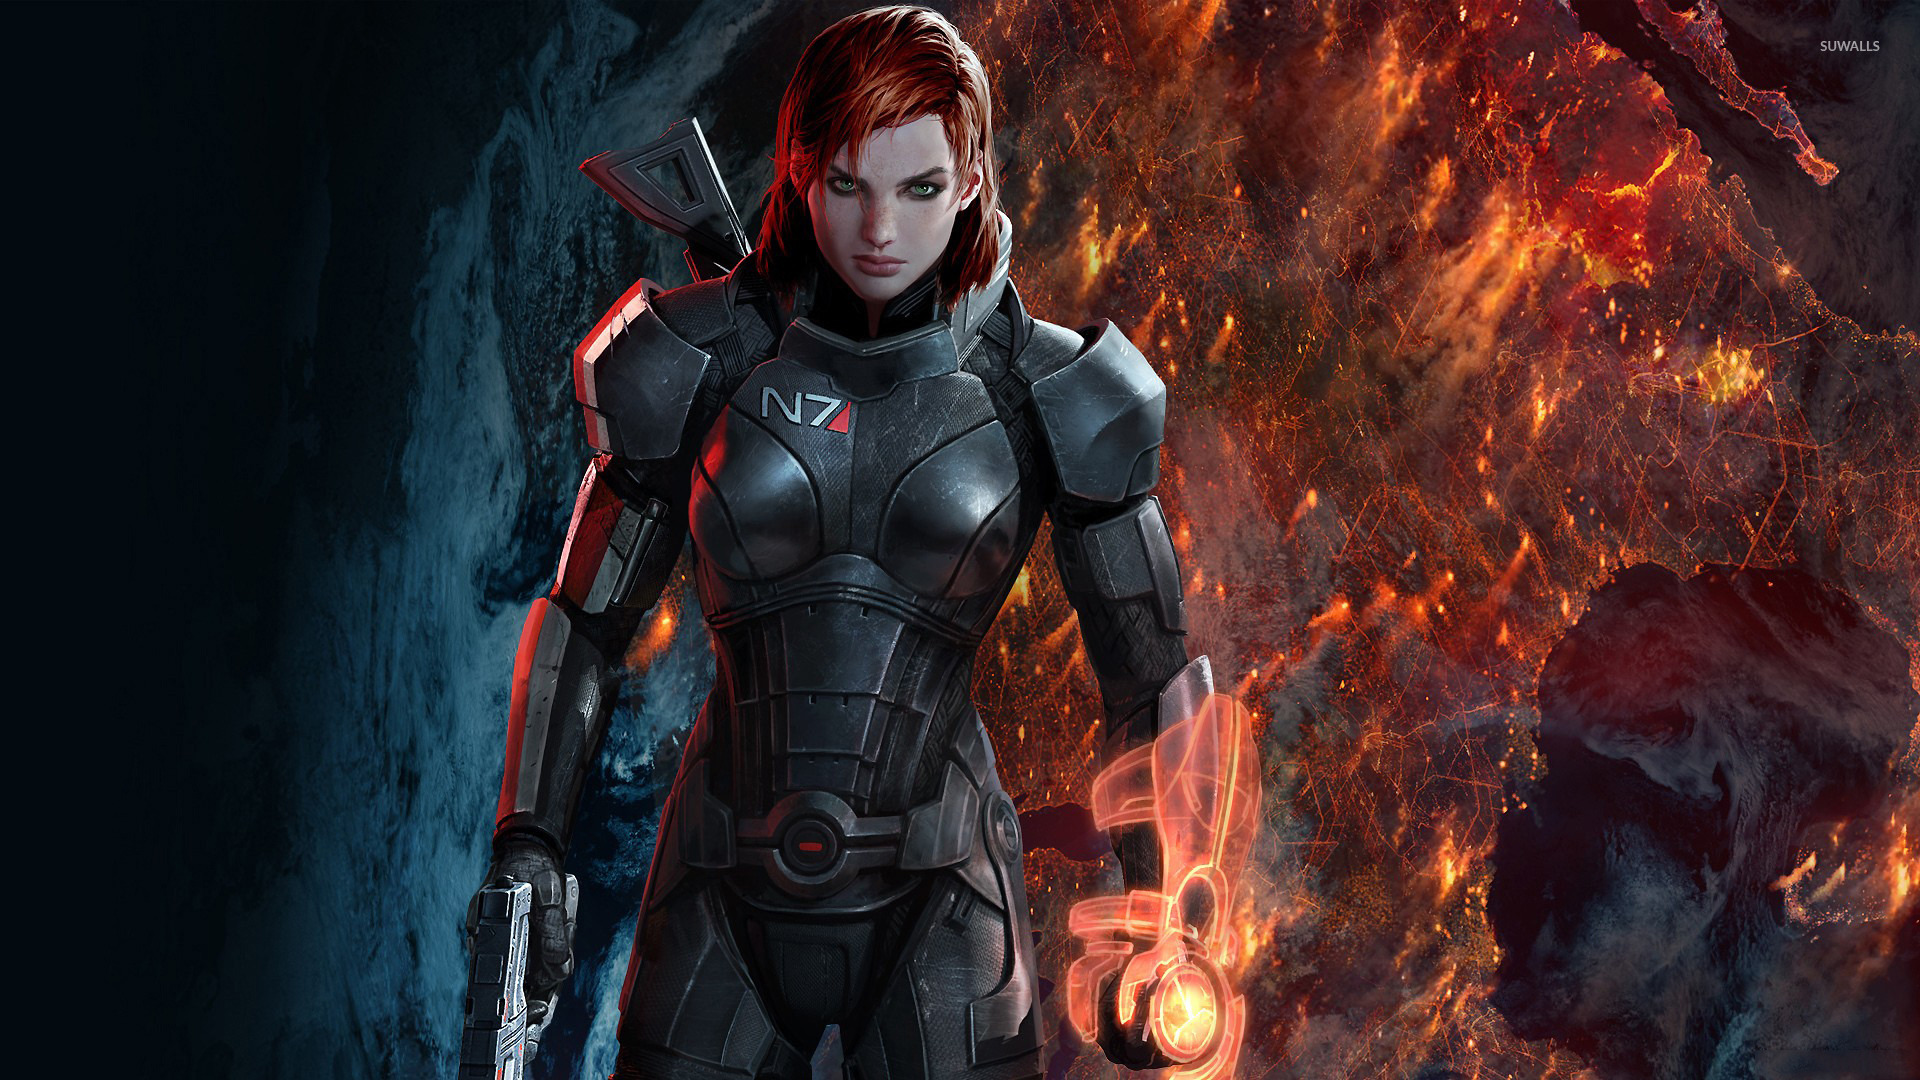 Mass Effect Wallpapers